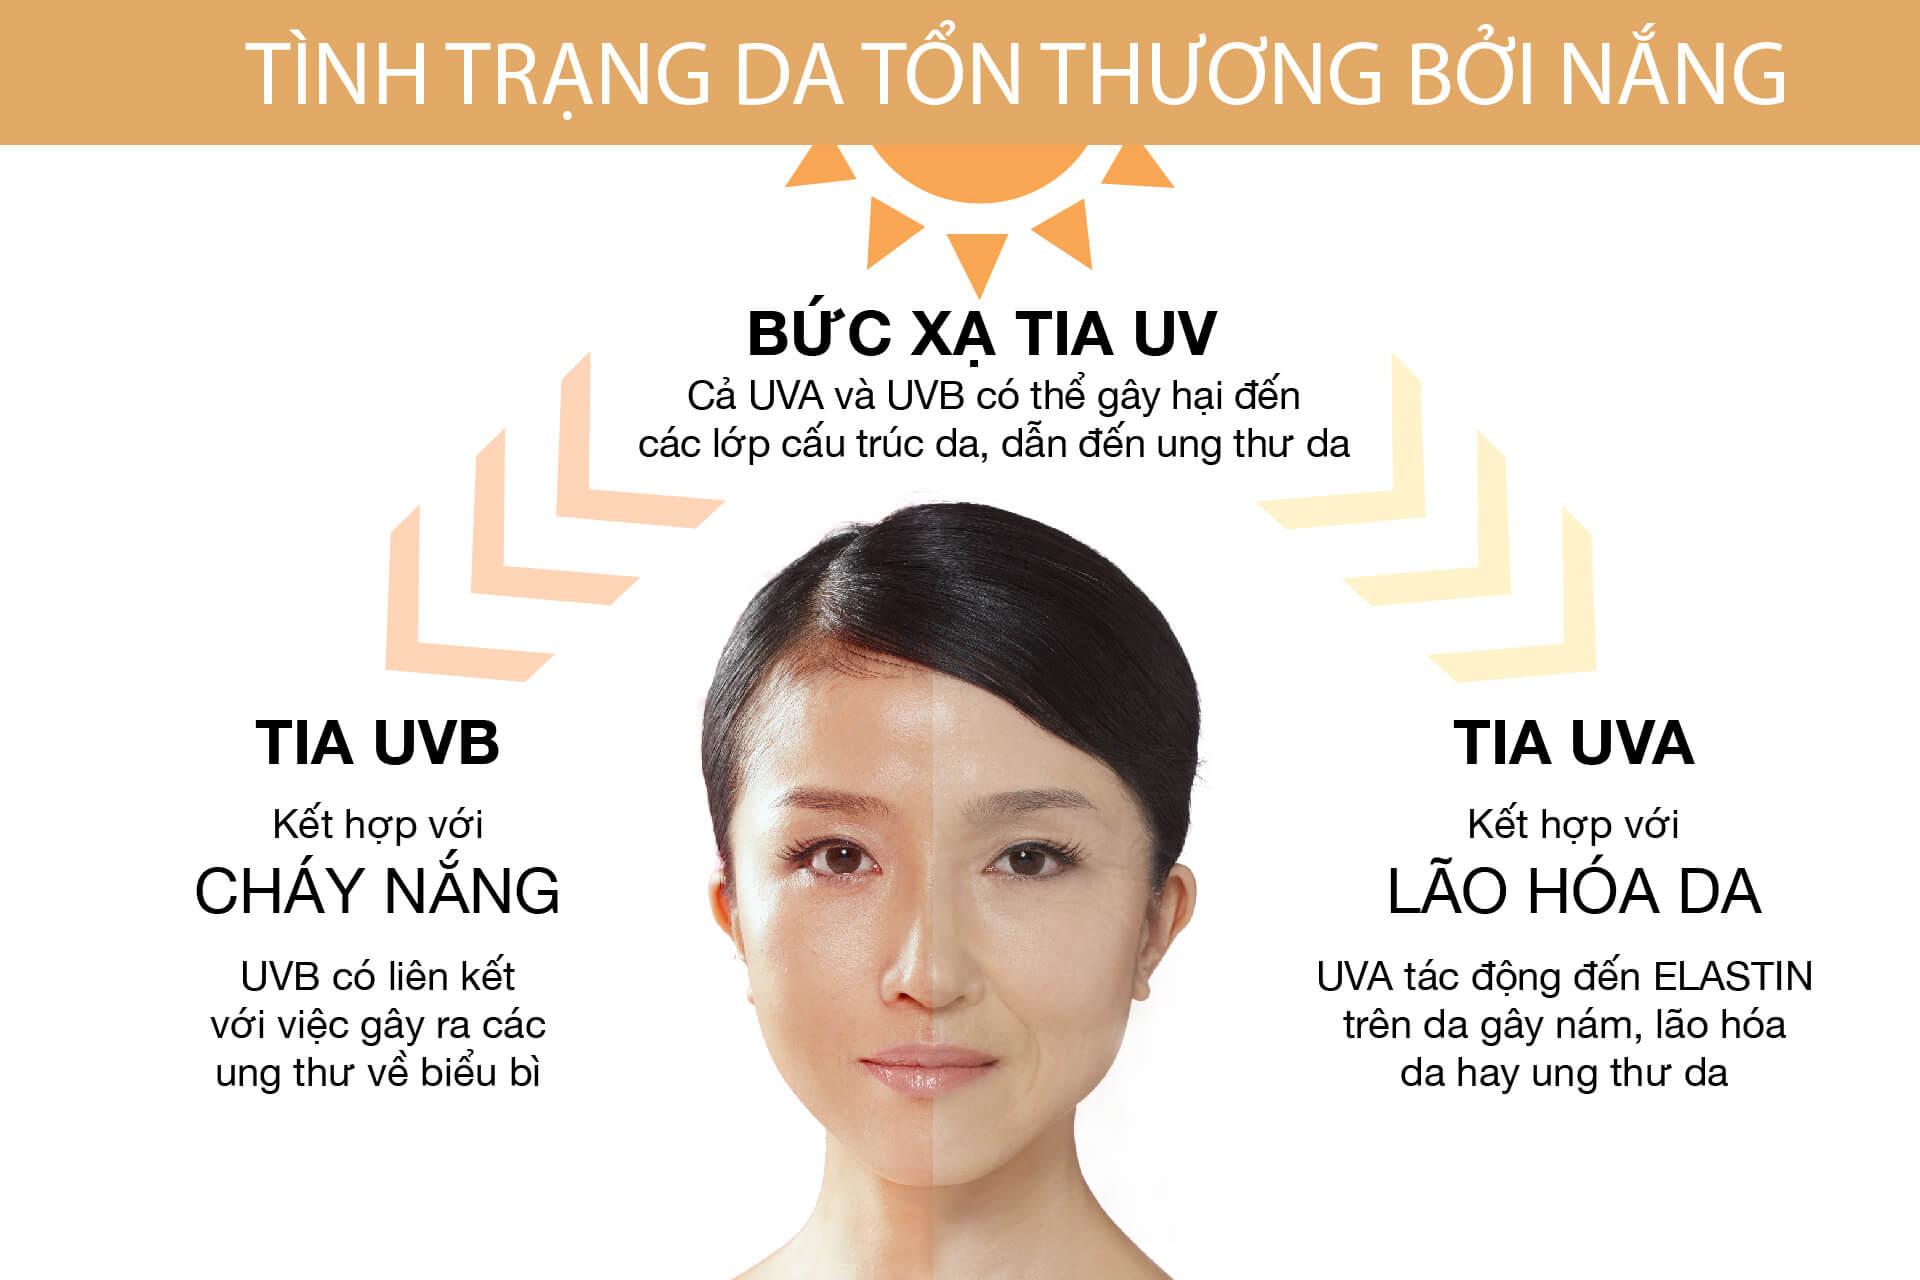 tinh-chat-duong-da-02 (2)